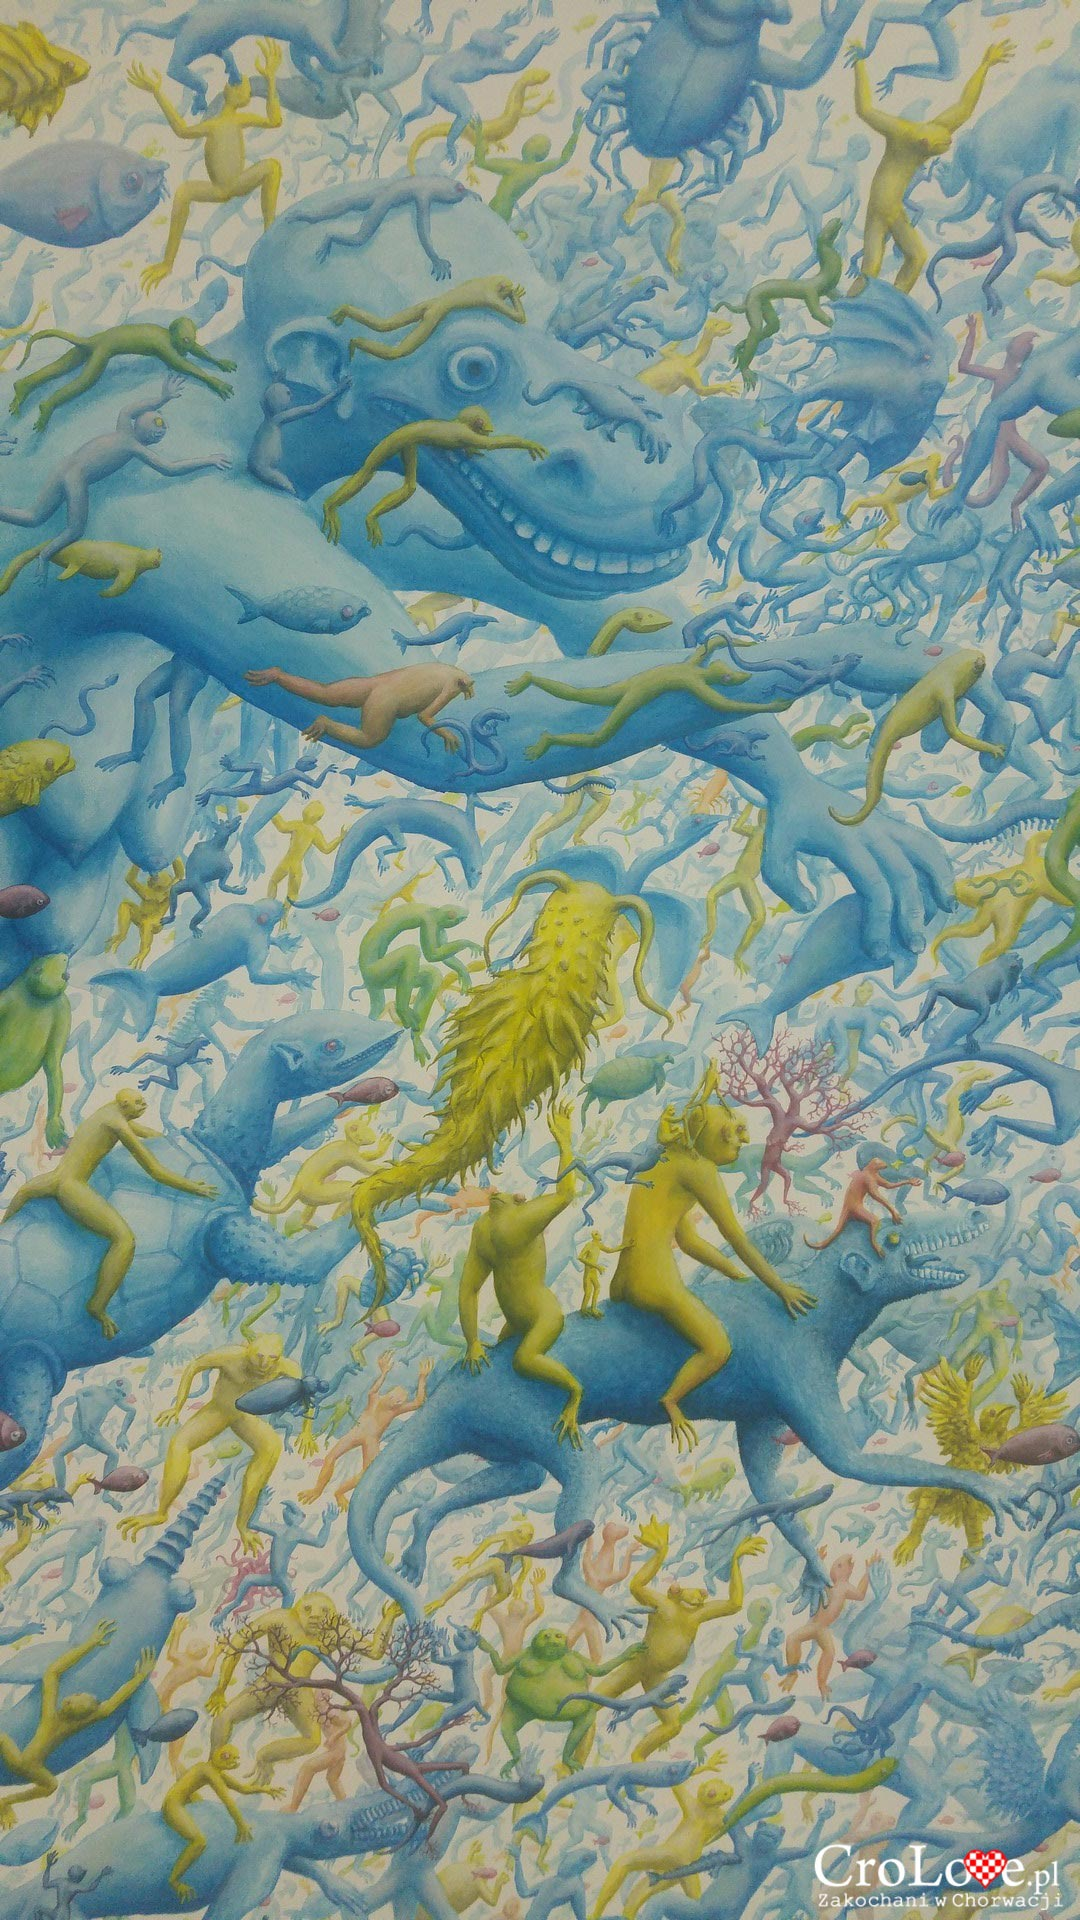 Obraz w pracowni artystycznej w Osijeku. Autor Vice Tomasović